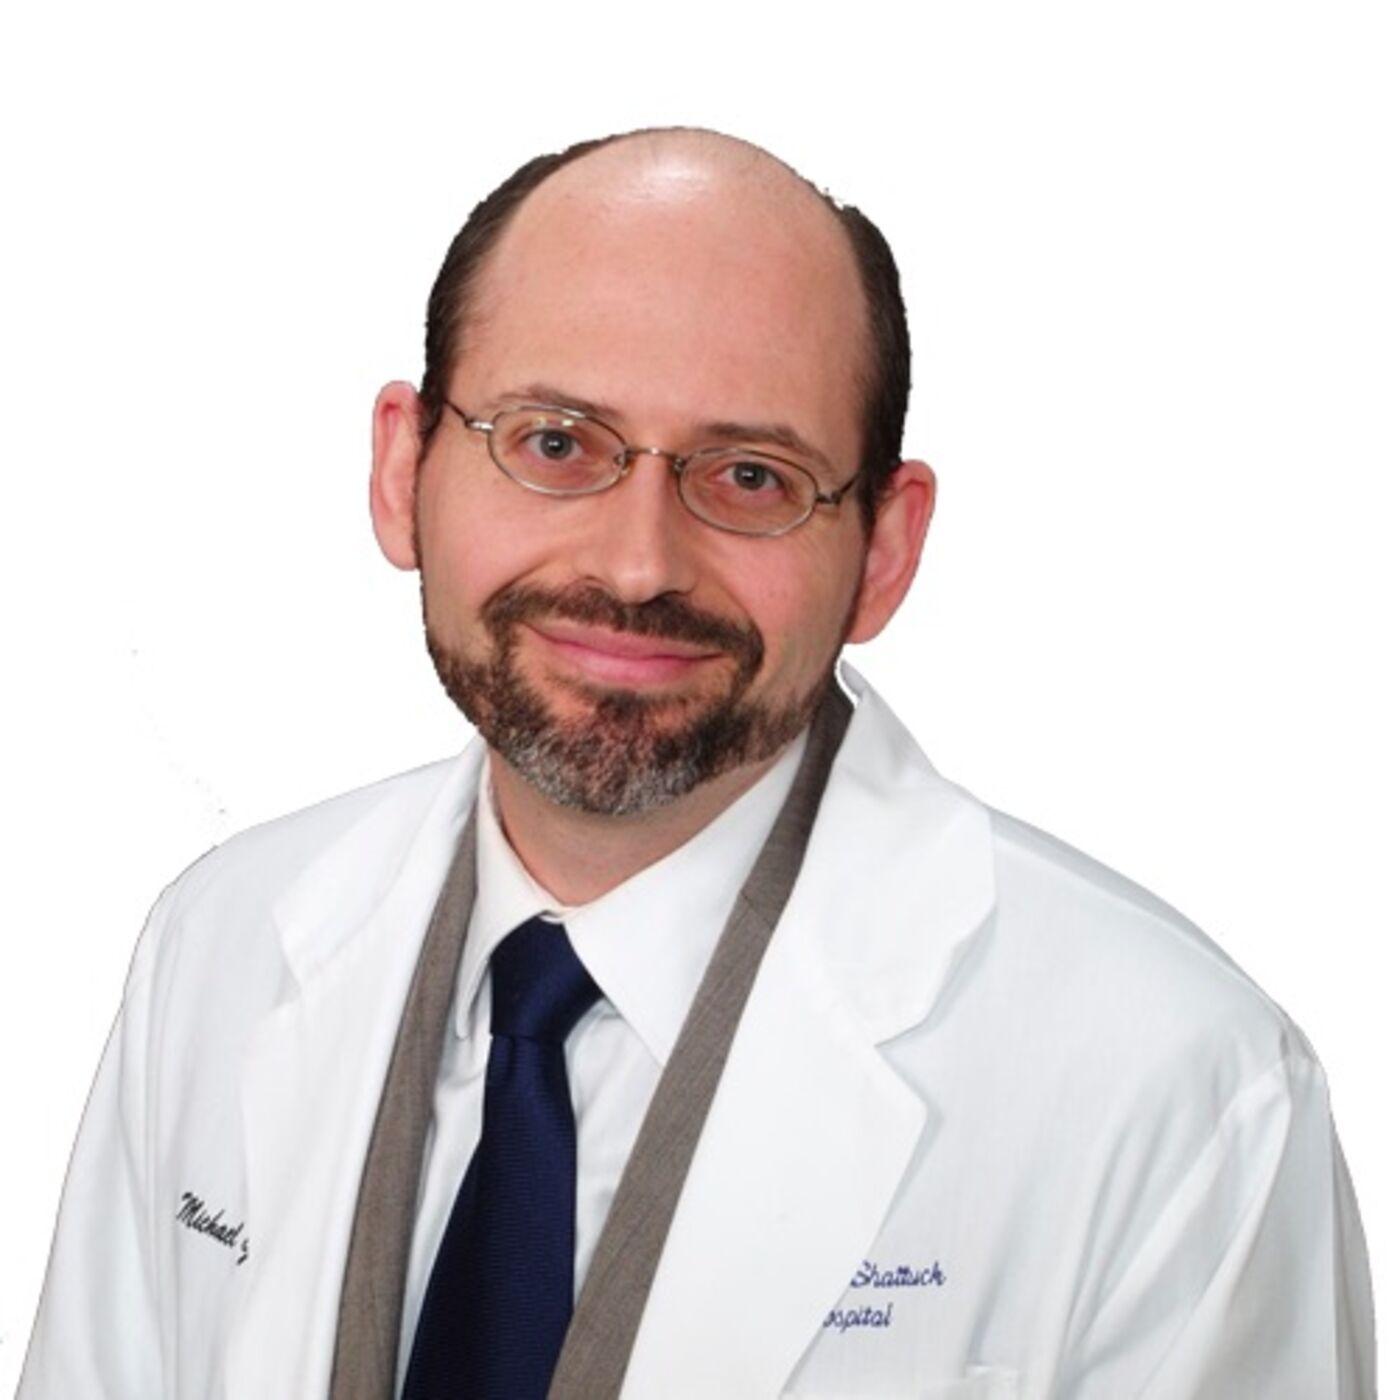 E79: Dr. Michael Greger